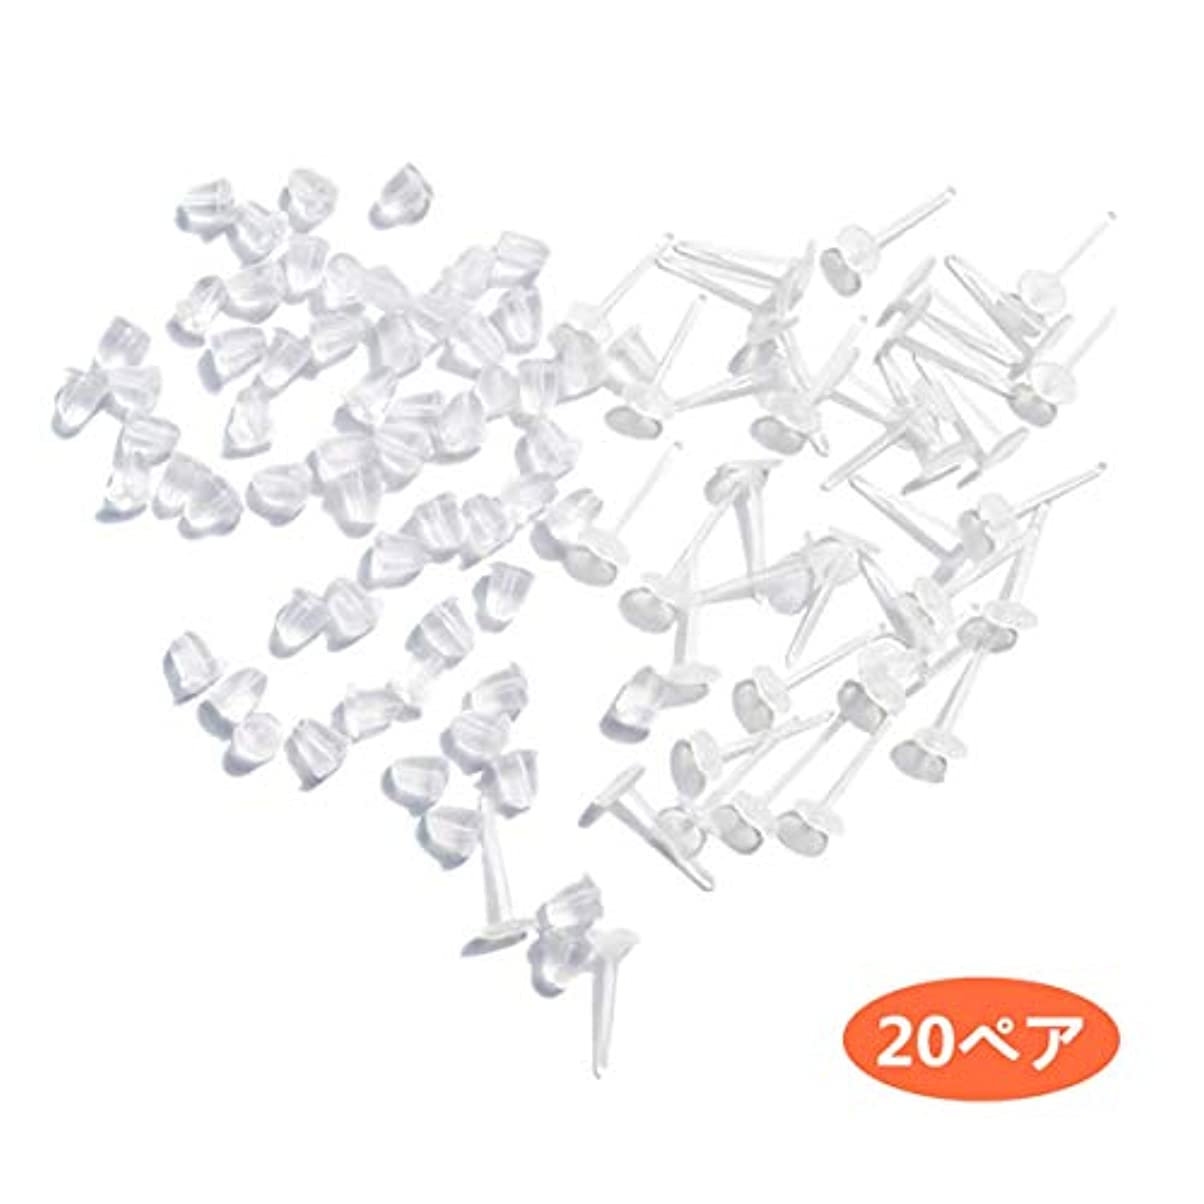 指定意欲ベアリングシークレットピアス 樹脂透明ピアス アクセサリー パーツ 金属アレルギーフリー ピアスホール維持に最適(20ペア)